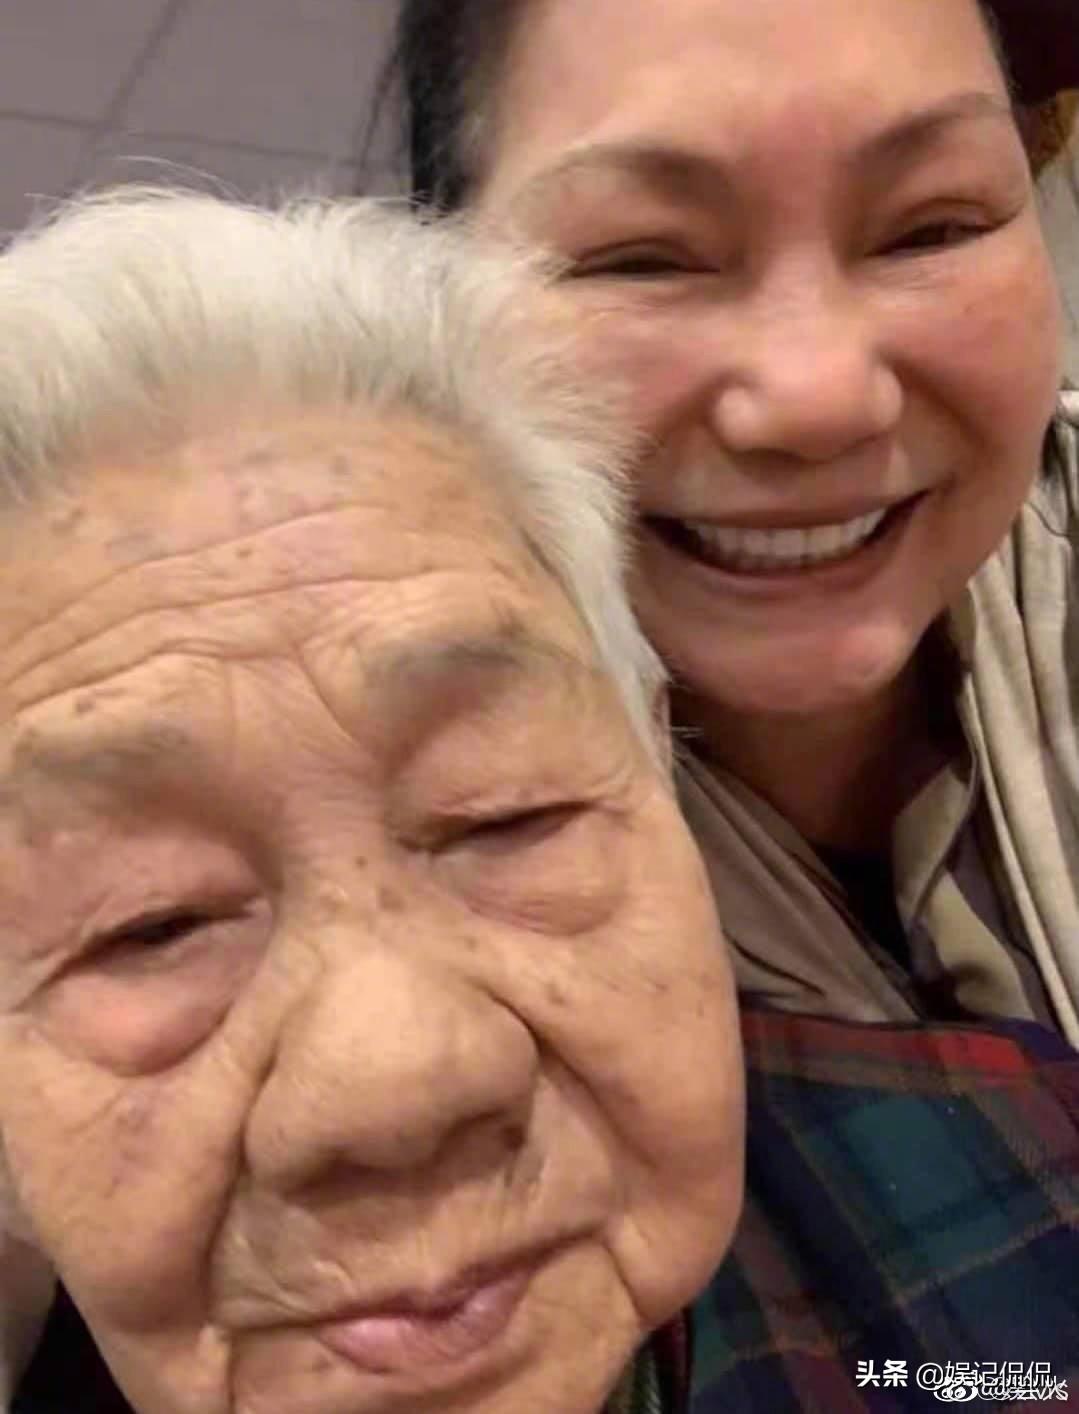 小S外婆去世泣别92岁外婆 遗憾没能见到最后一面!